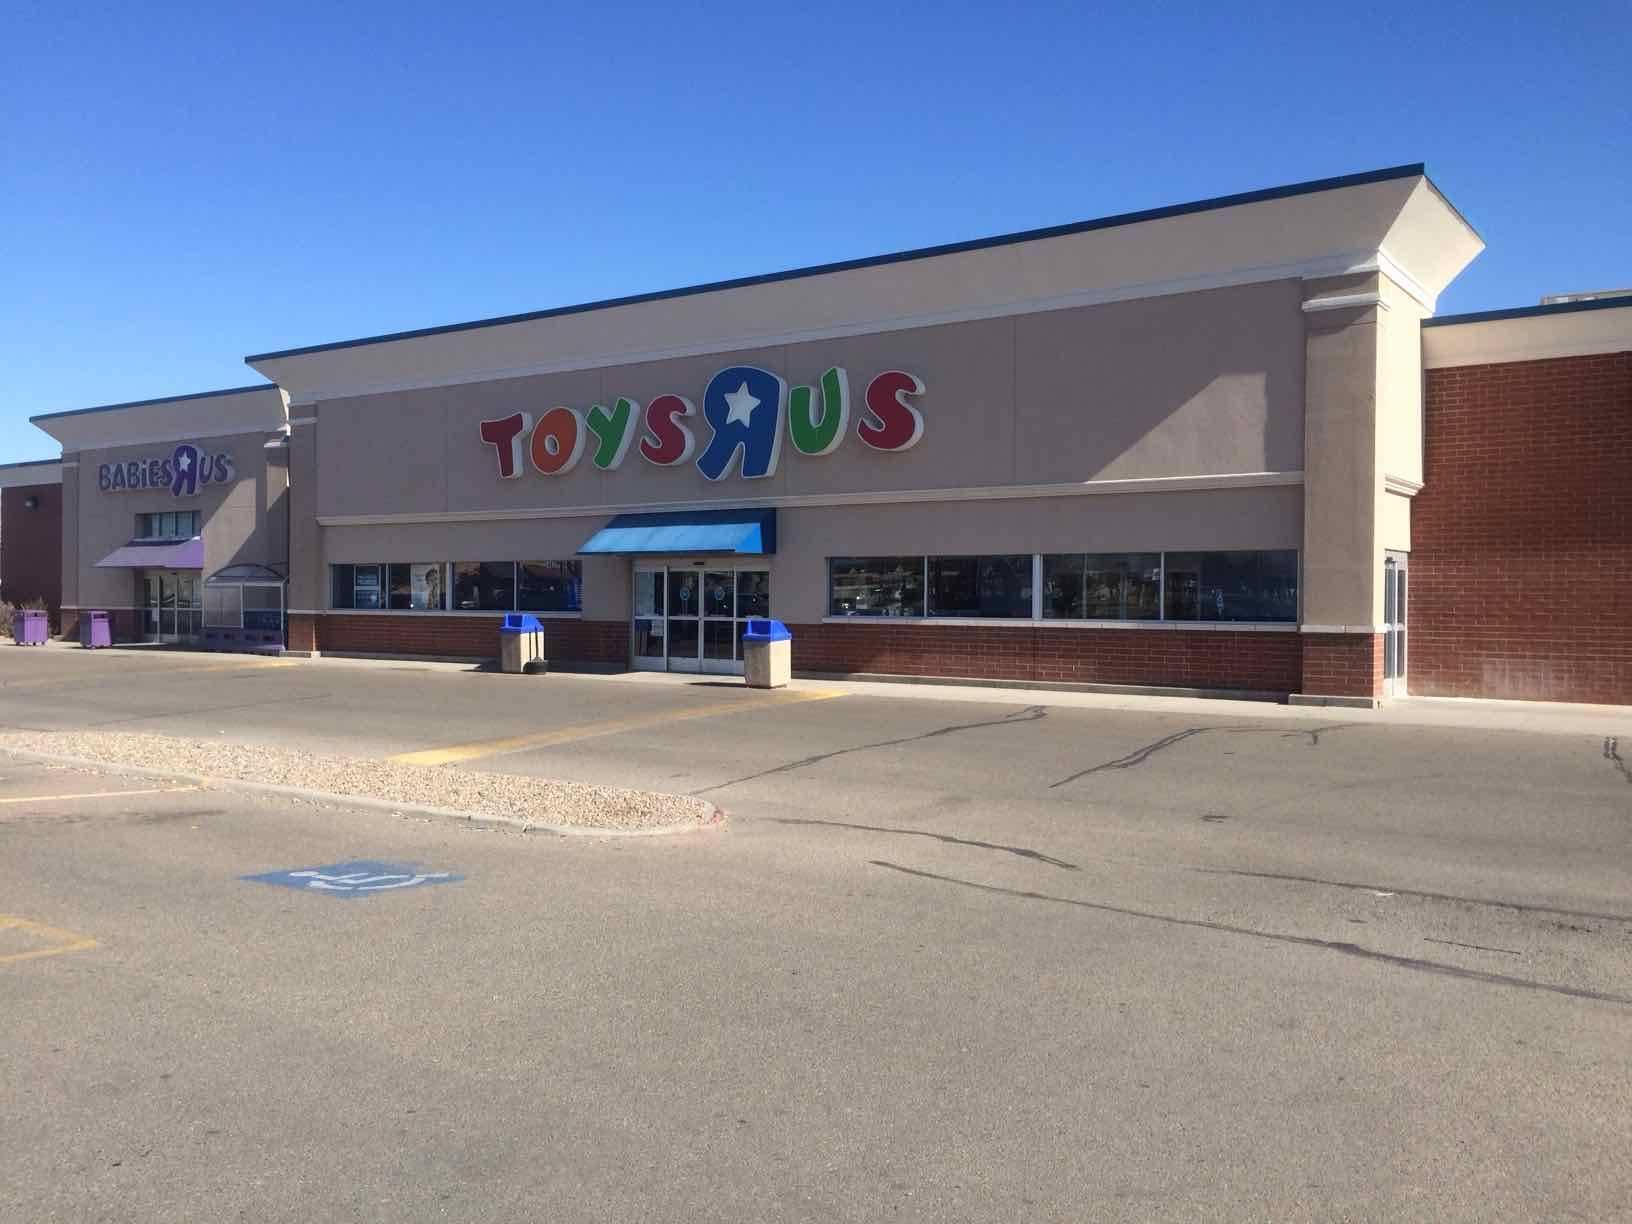 Amarillo Store Survives Toys R Us Closure Plans